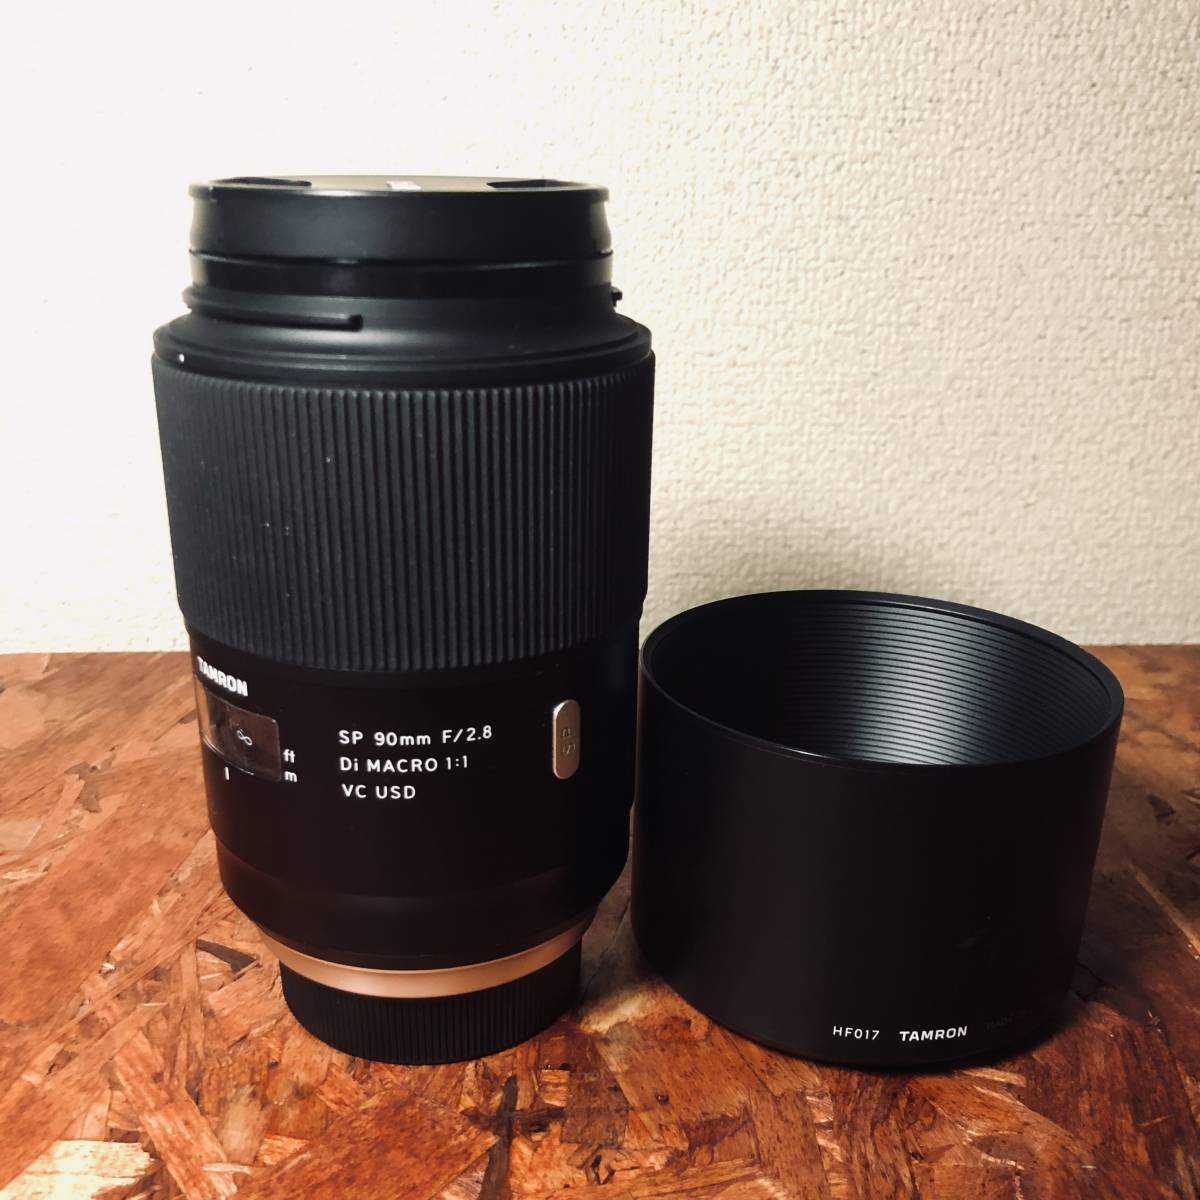 即決あり!TAMRON 単焦点マクロレンズ SP90mm F2.8 Di MACRO 1:1 VC USD ニコン用 (フィルター付き)